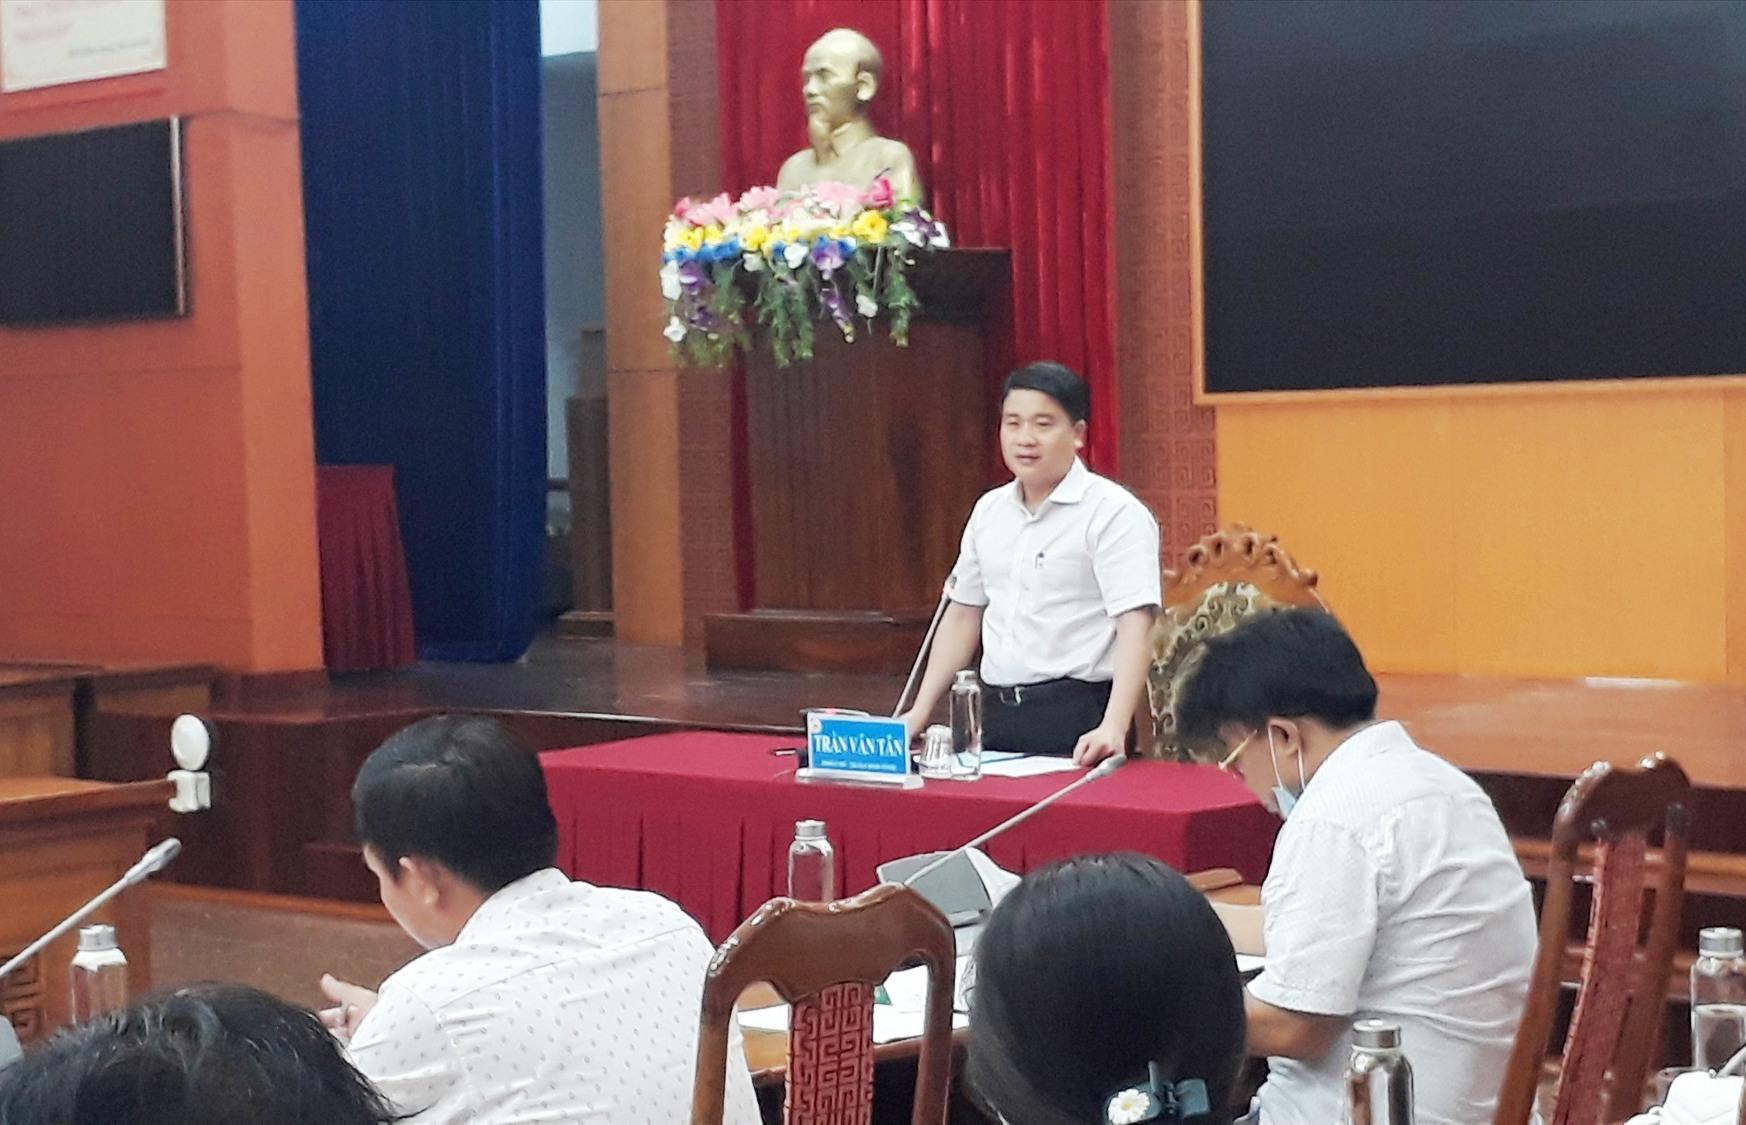 Phó Chủ tịch UBND tỉnh Trần Văn Tân đánh giá cao kế hoạch tuyển dụng năm 2021. Ảnh: X.P